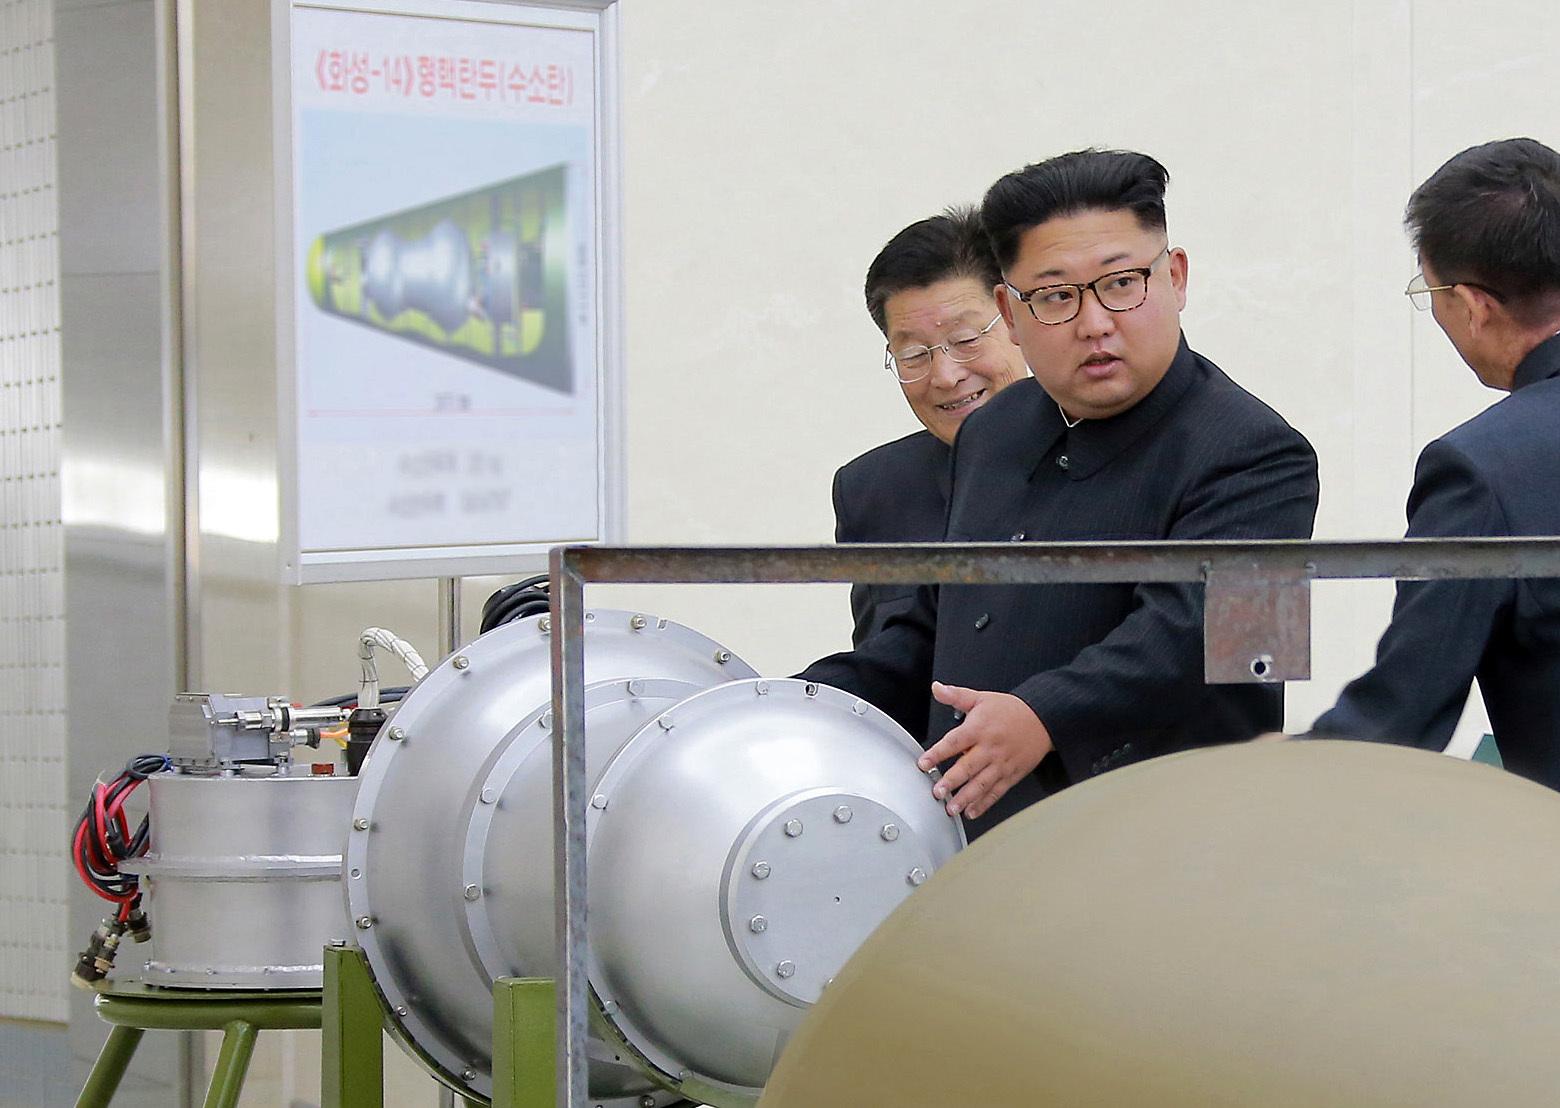 지난해 9월 북한 조선중앙통신 보도한 김정은 노동당 위원장의 핵무기연구소 현지 지도 장면. 김 위원장 뒤에 세워둔 안내판에 북한의 ICBM급 장거리 탄도미사일로 추정되는 '화성-14형'의 '핵탄두(수소탄)'이라고 적혀있다. [연합뉴스]